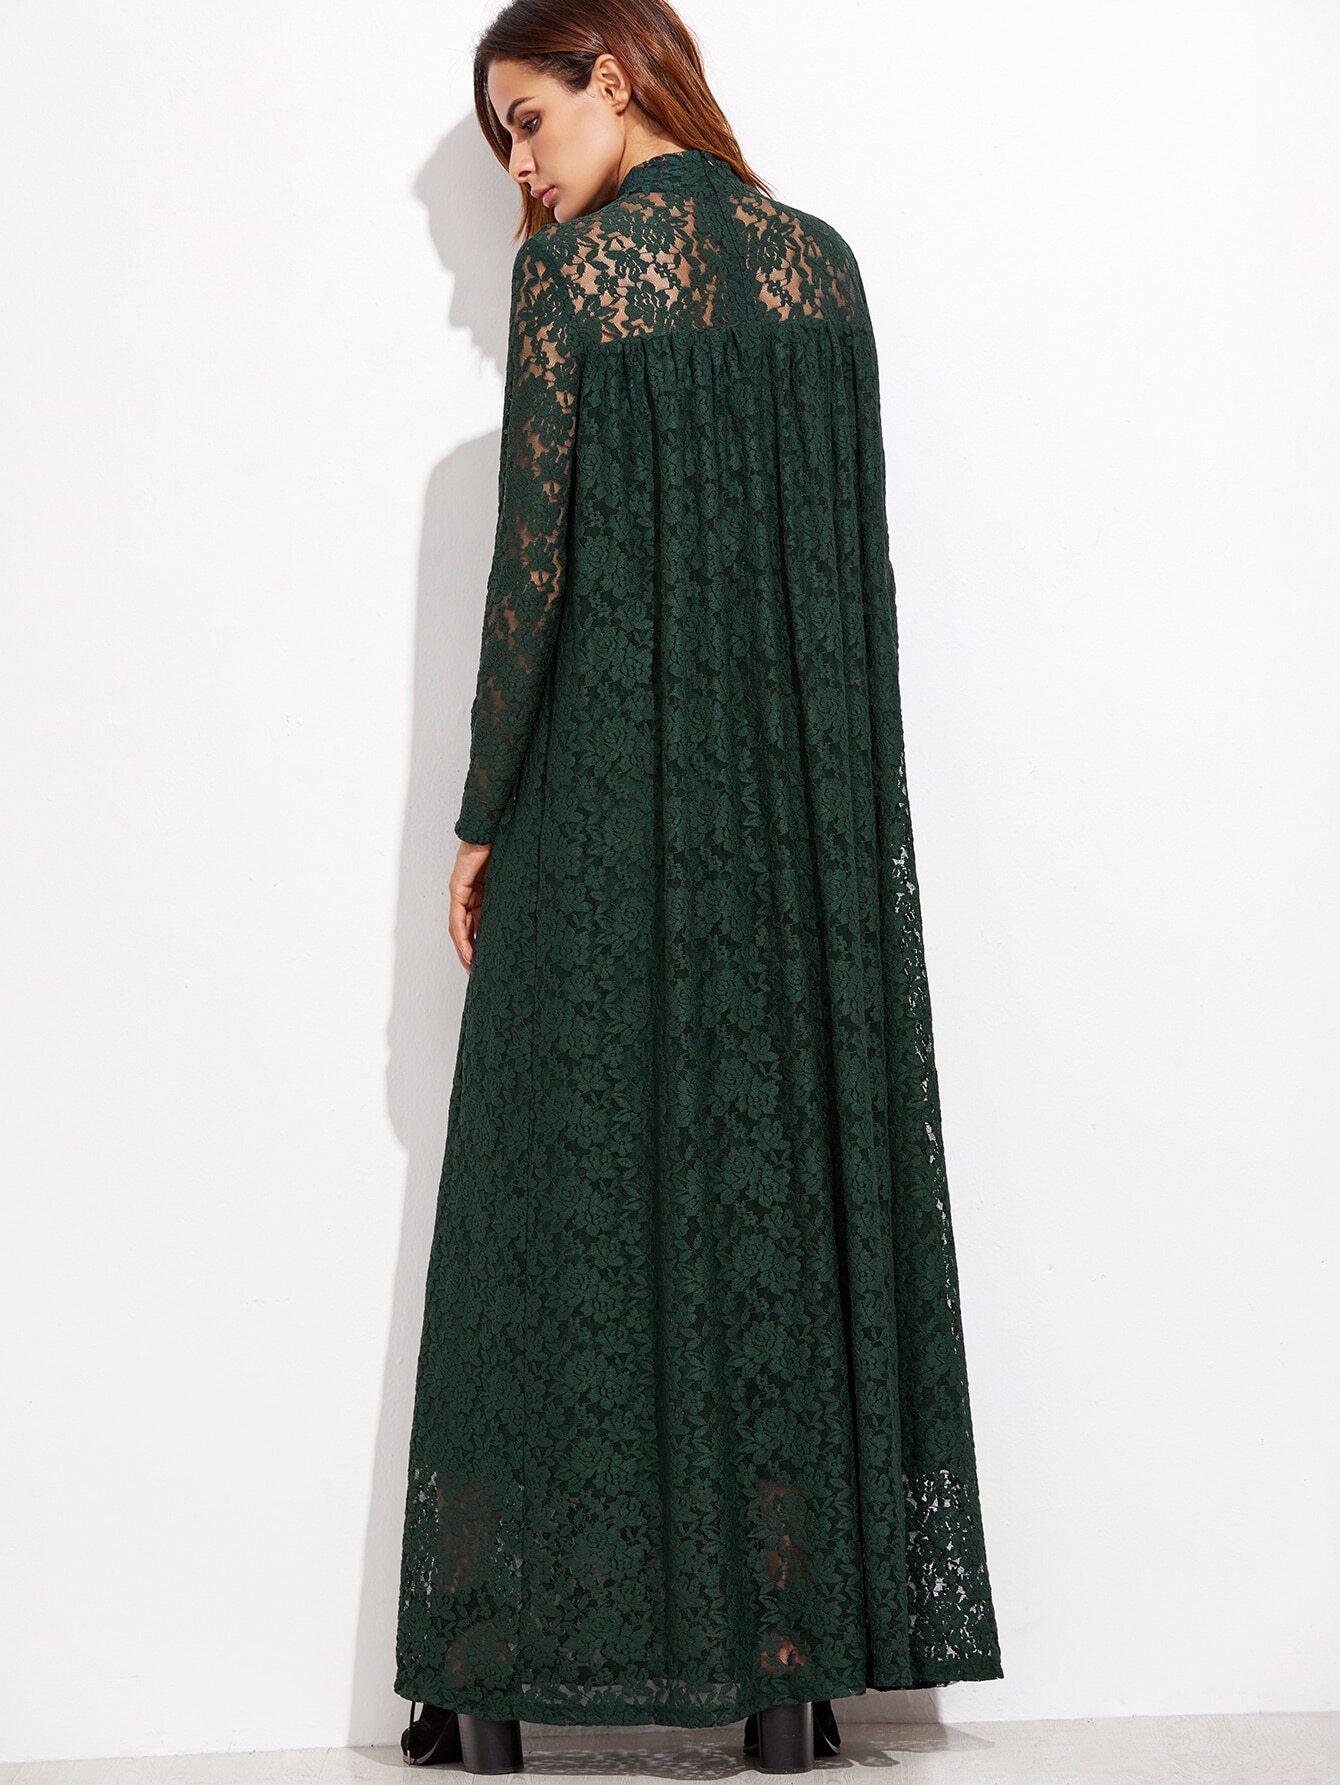 dress161011702_2